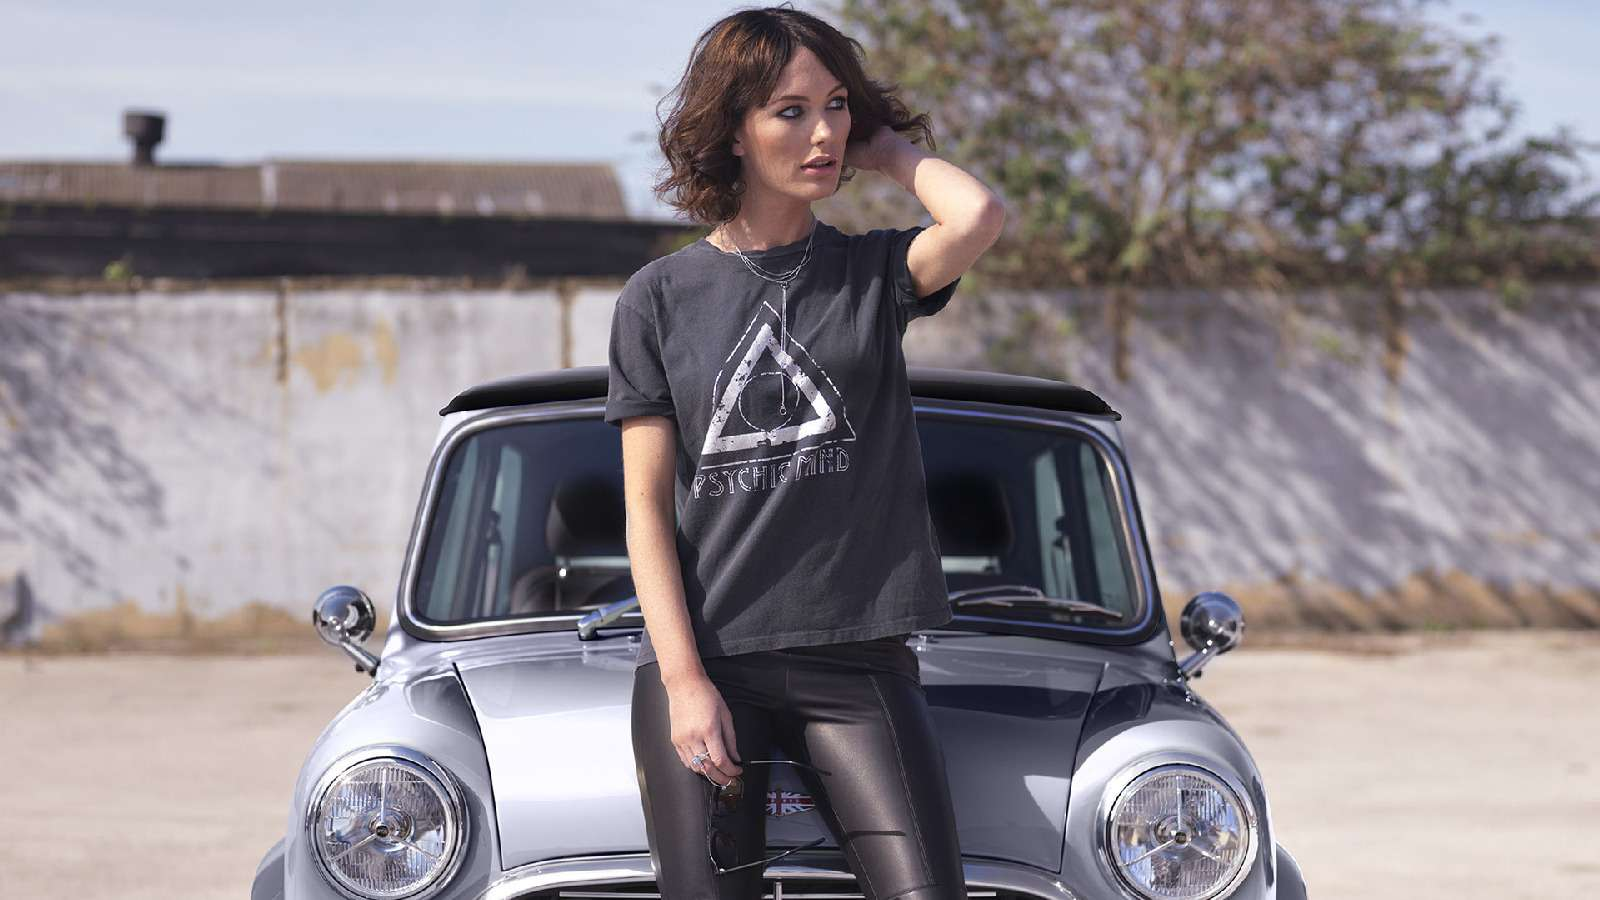 Инверсивный подход: дебютировал Mini Remastered поцене Porsche— фото 733509